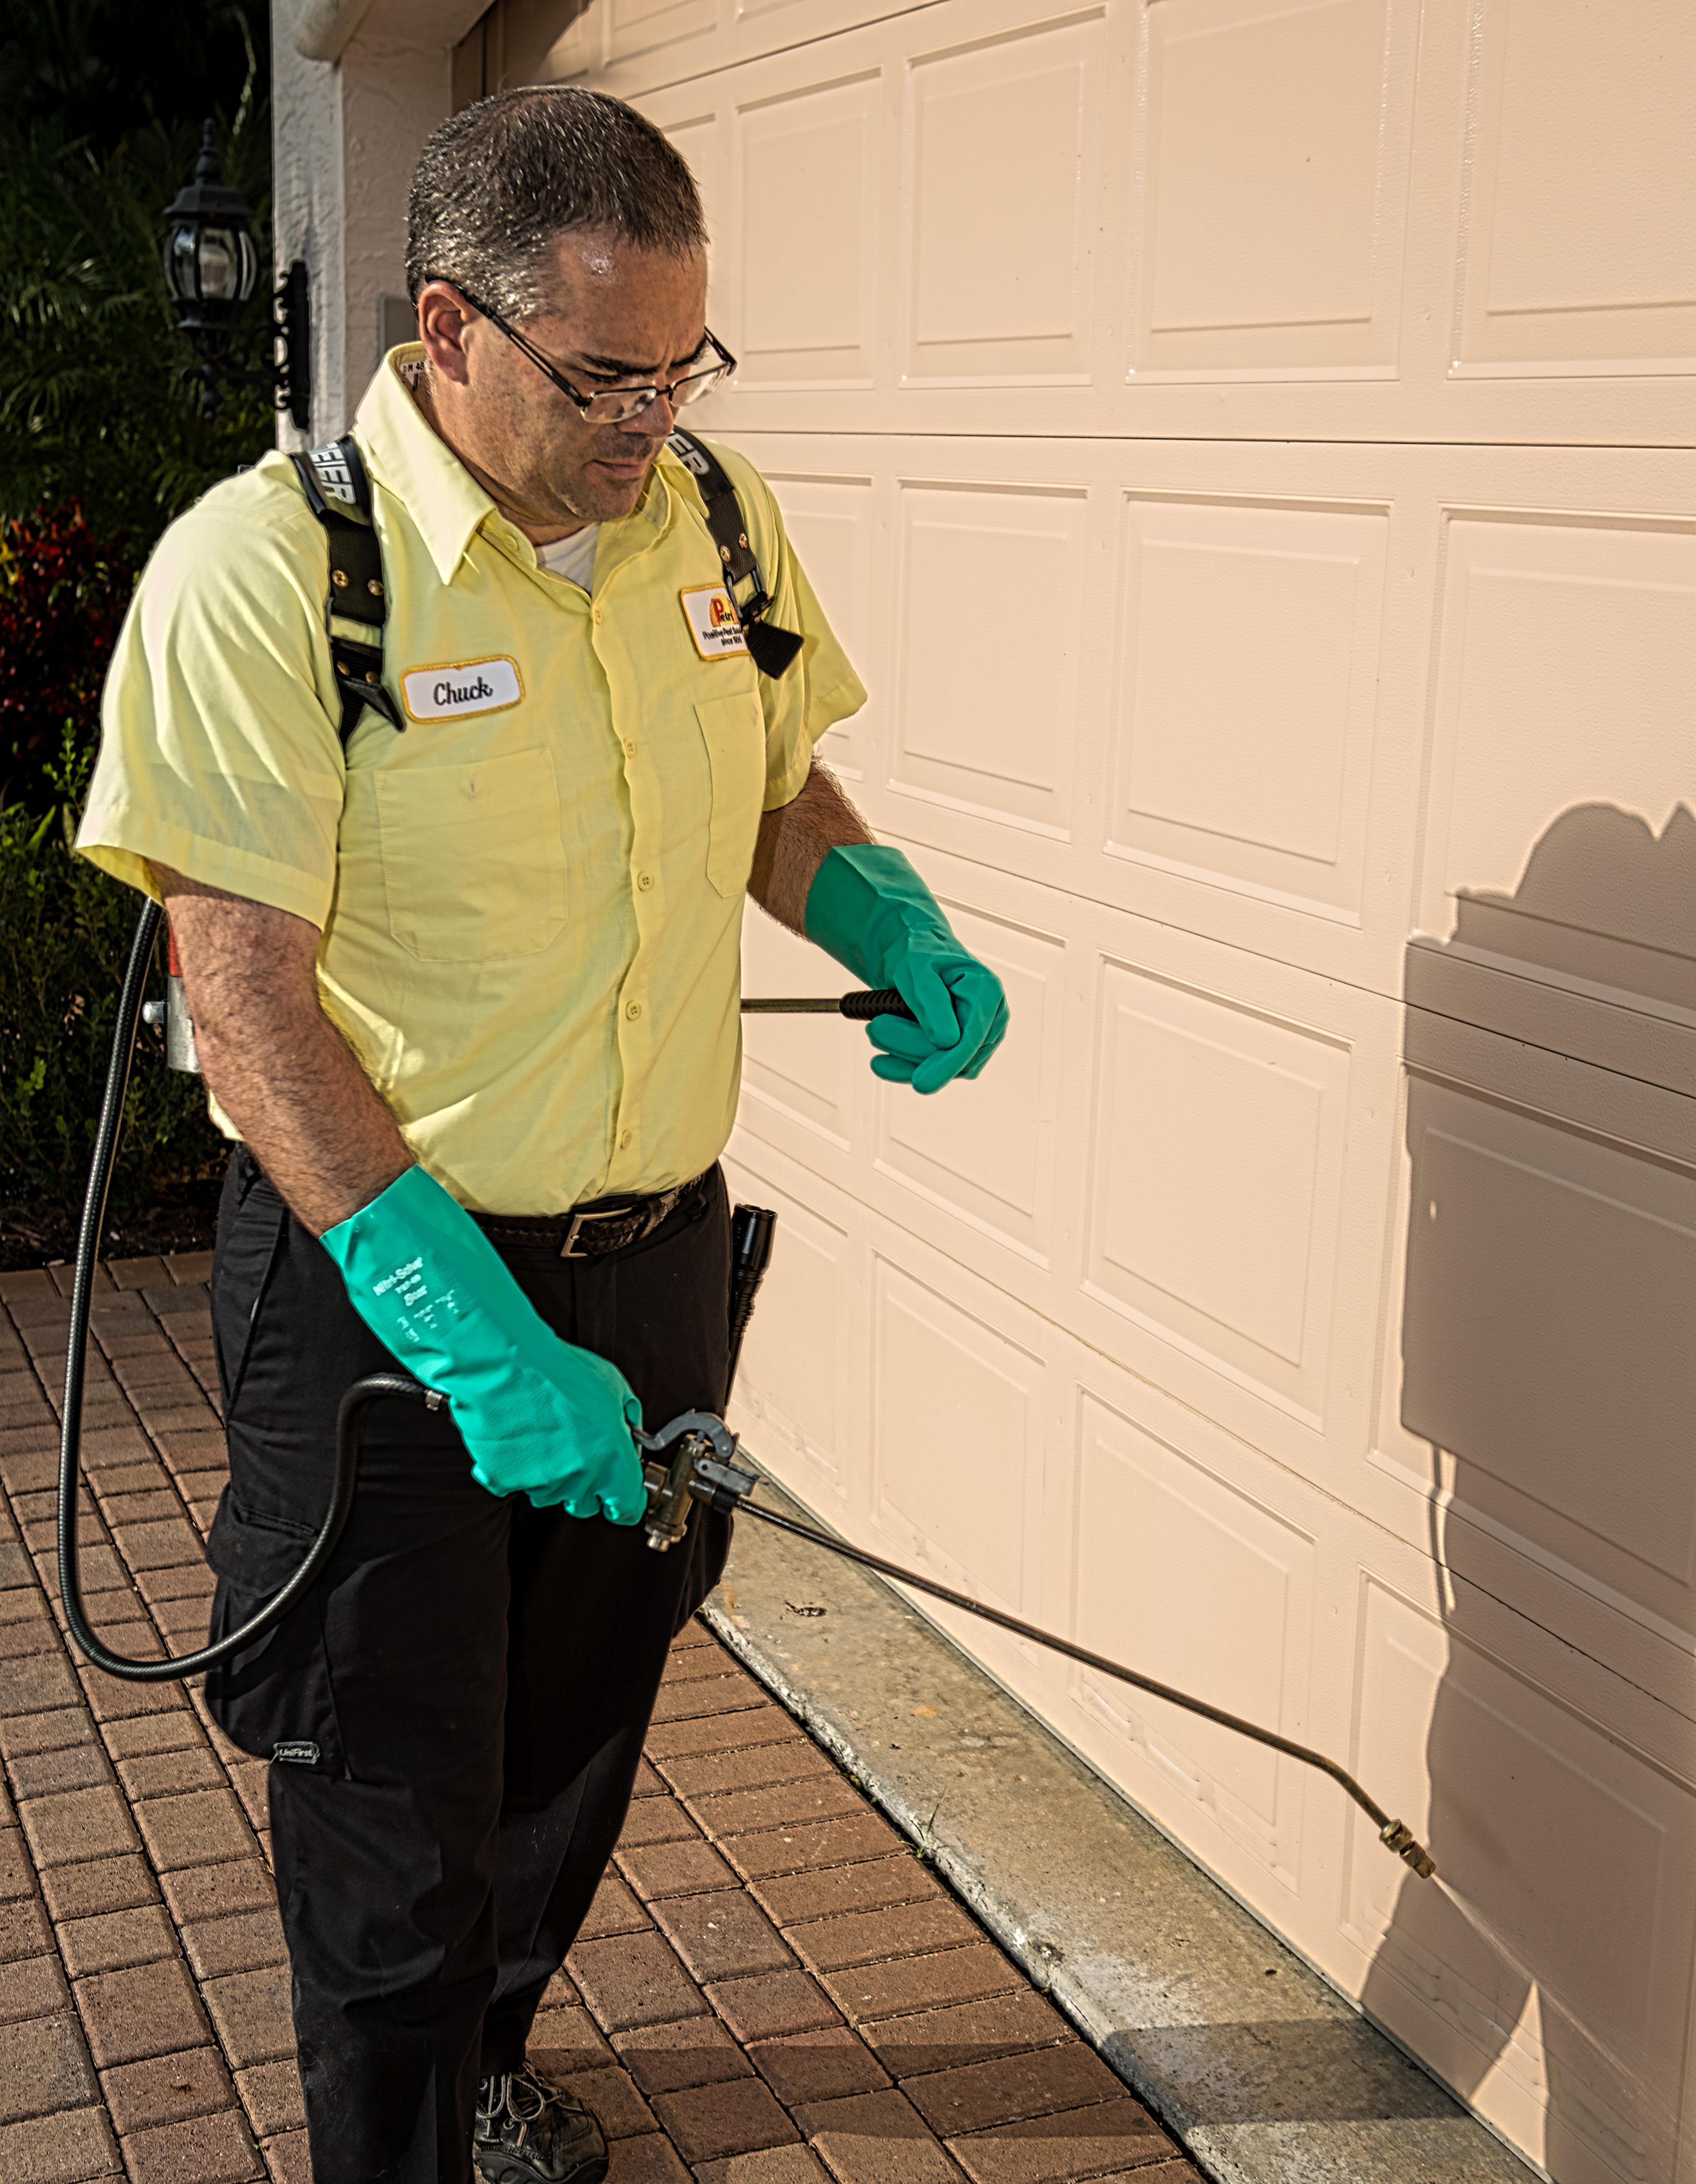 Petri S Positive Pest Control In 954 406 9842